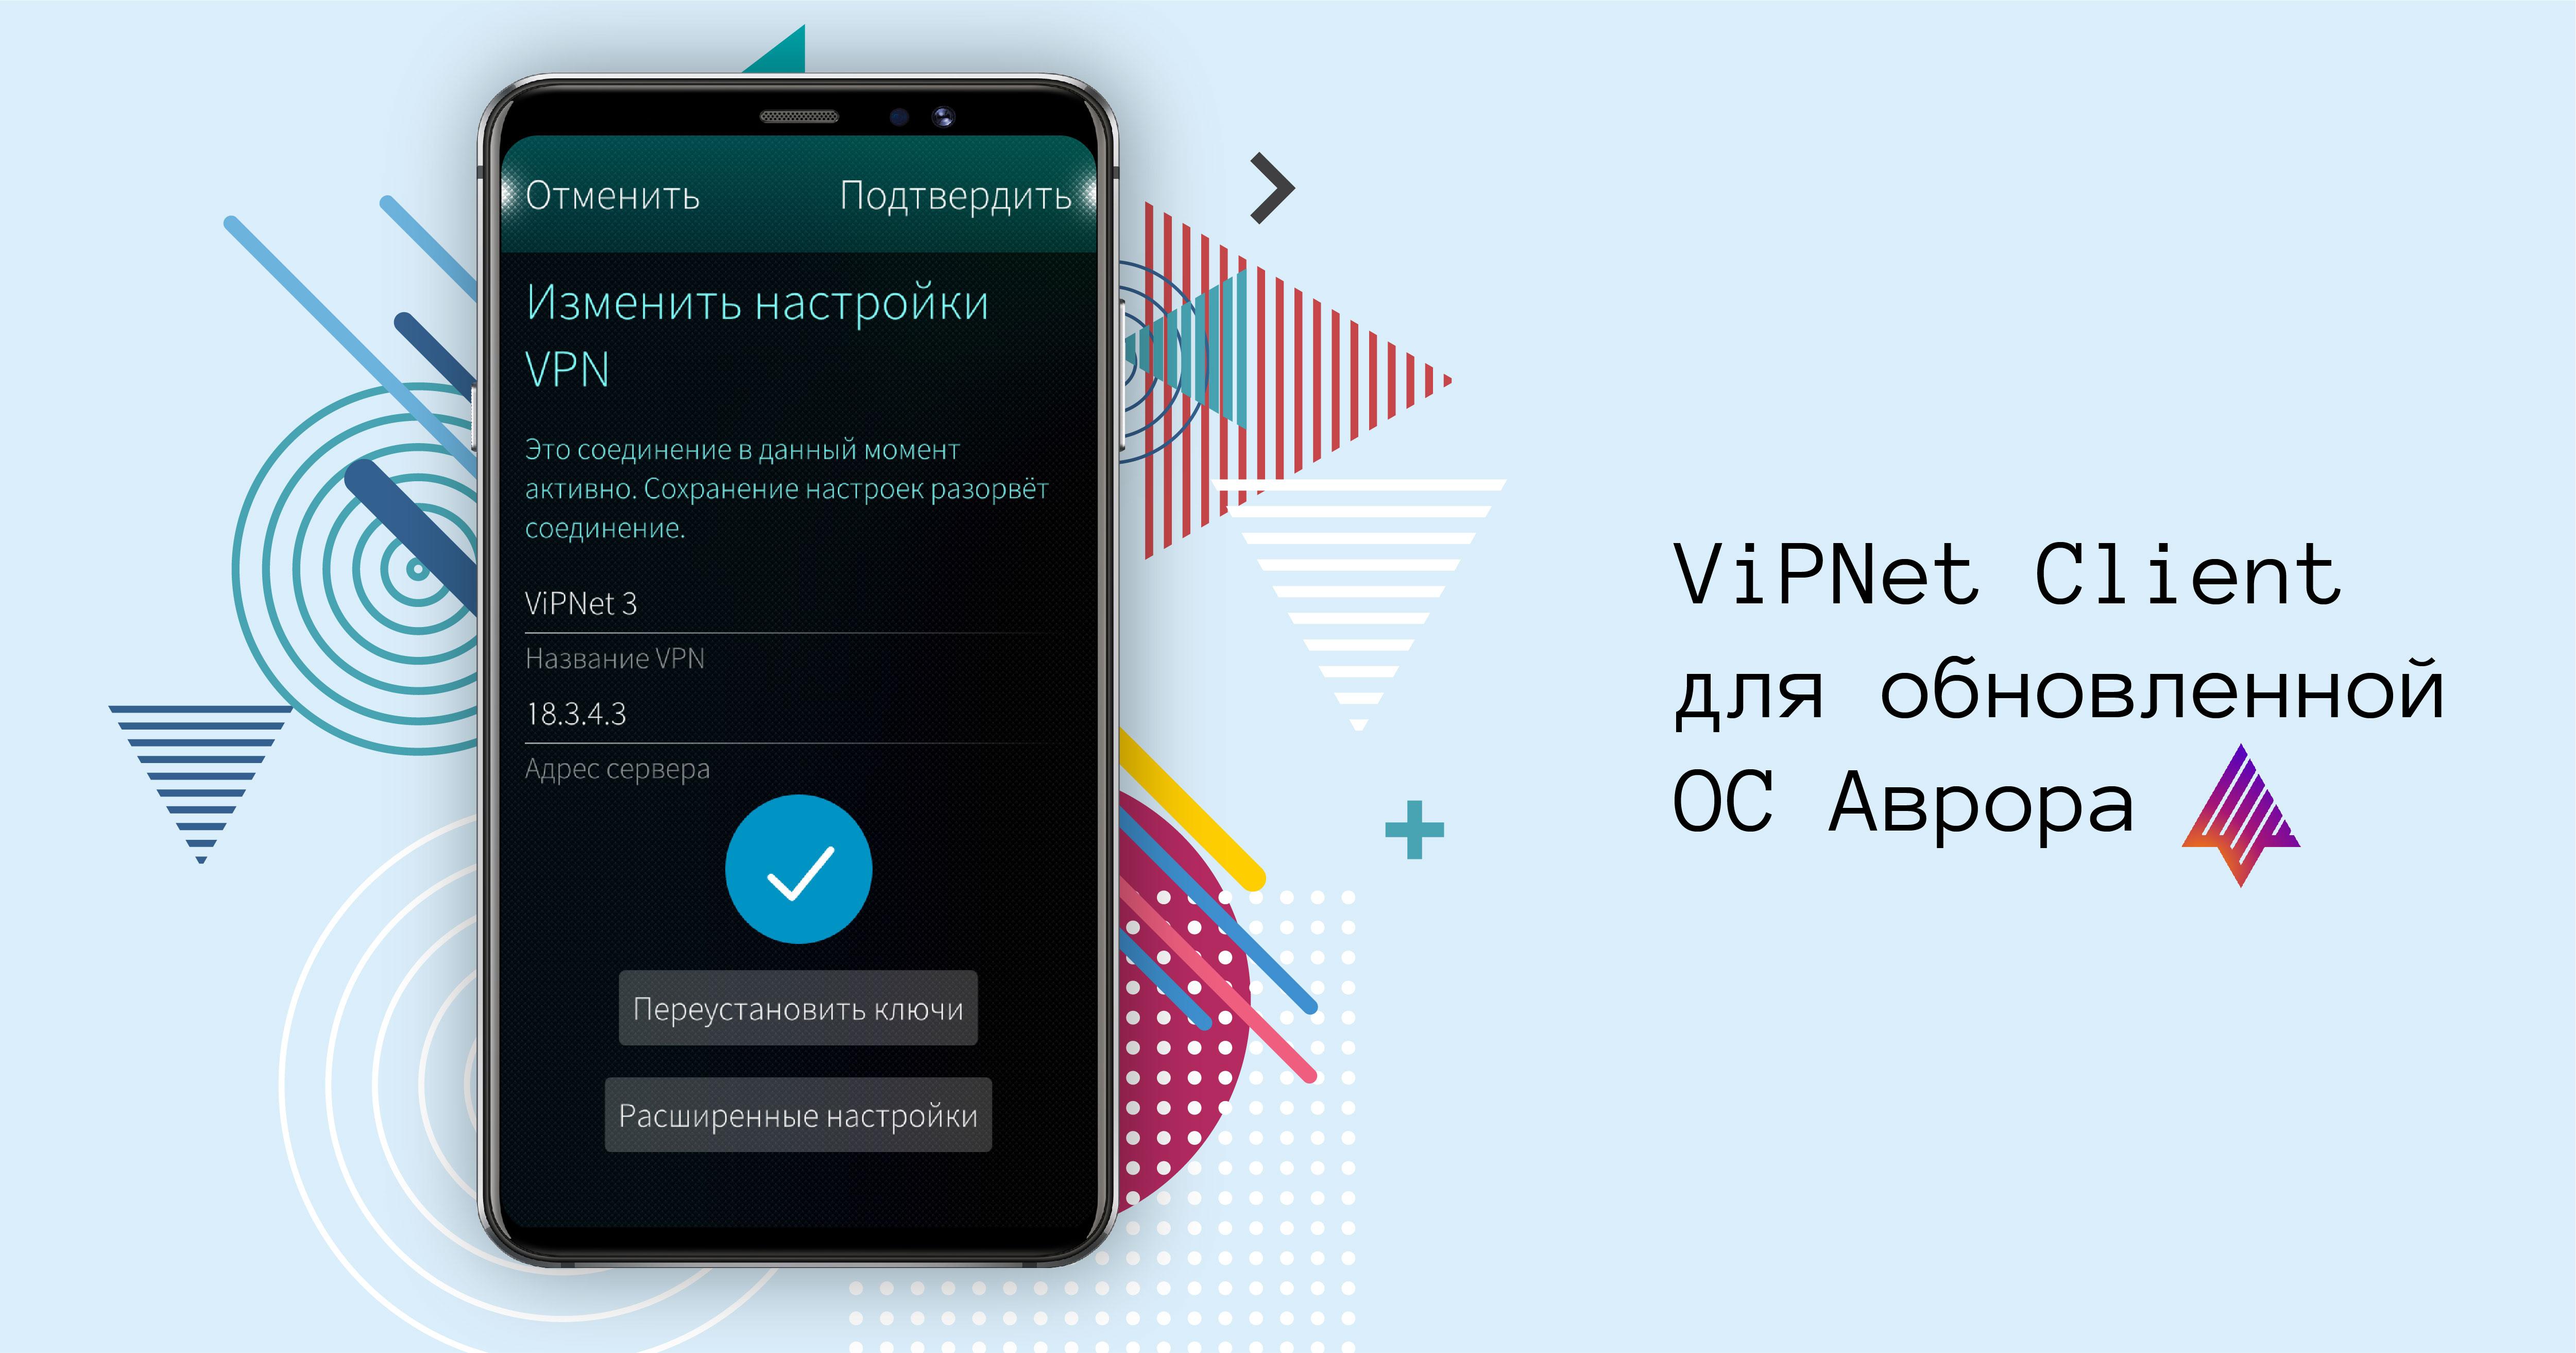 Выпущен релиз программного комплекса ViPNet Client для обновленной ОСАврора